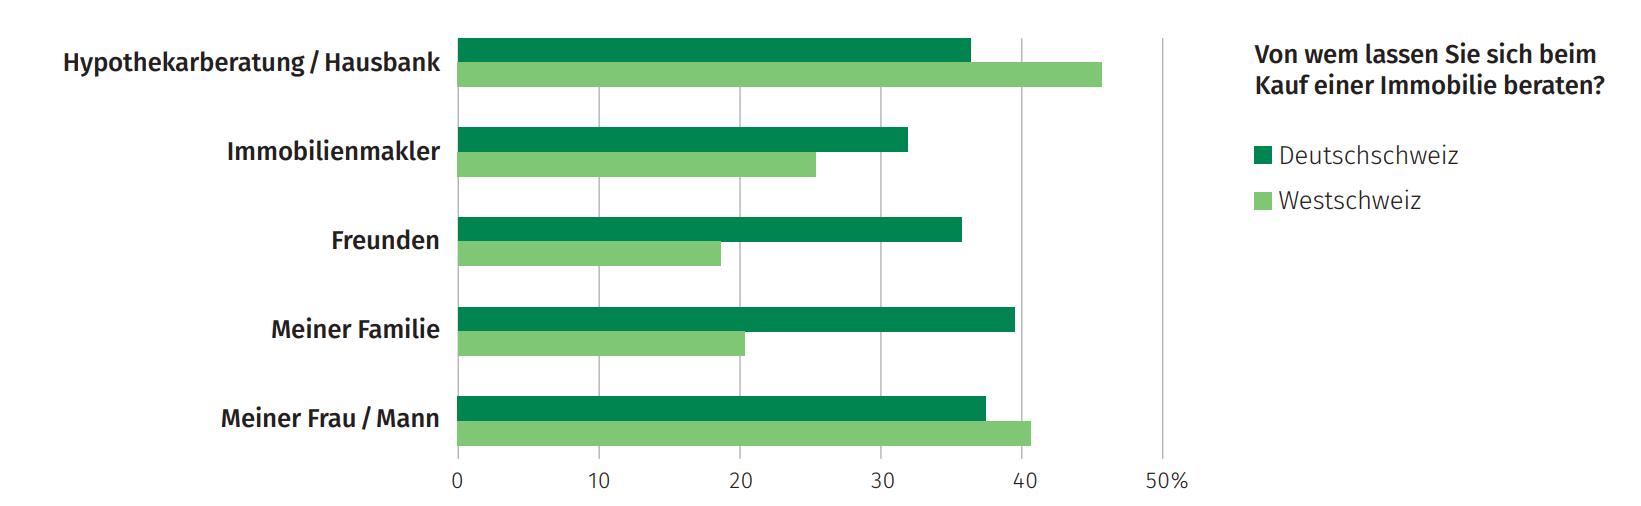 Grafik von wem lassen sich Schweizer bezüglich Immobilien beraten